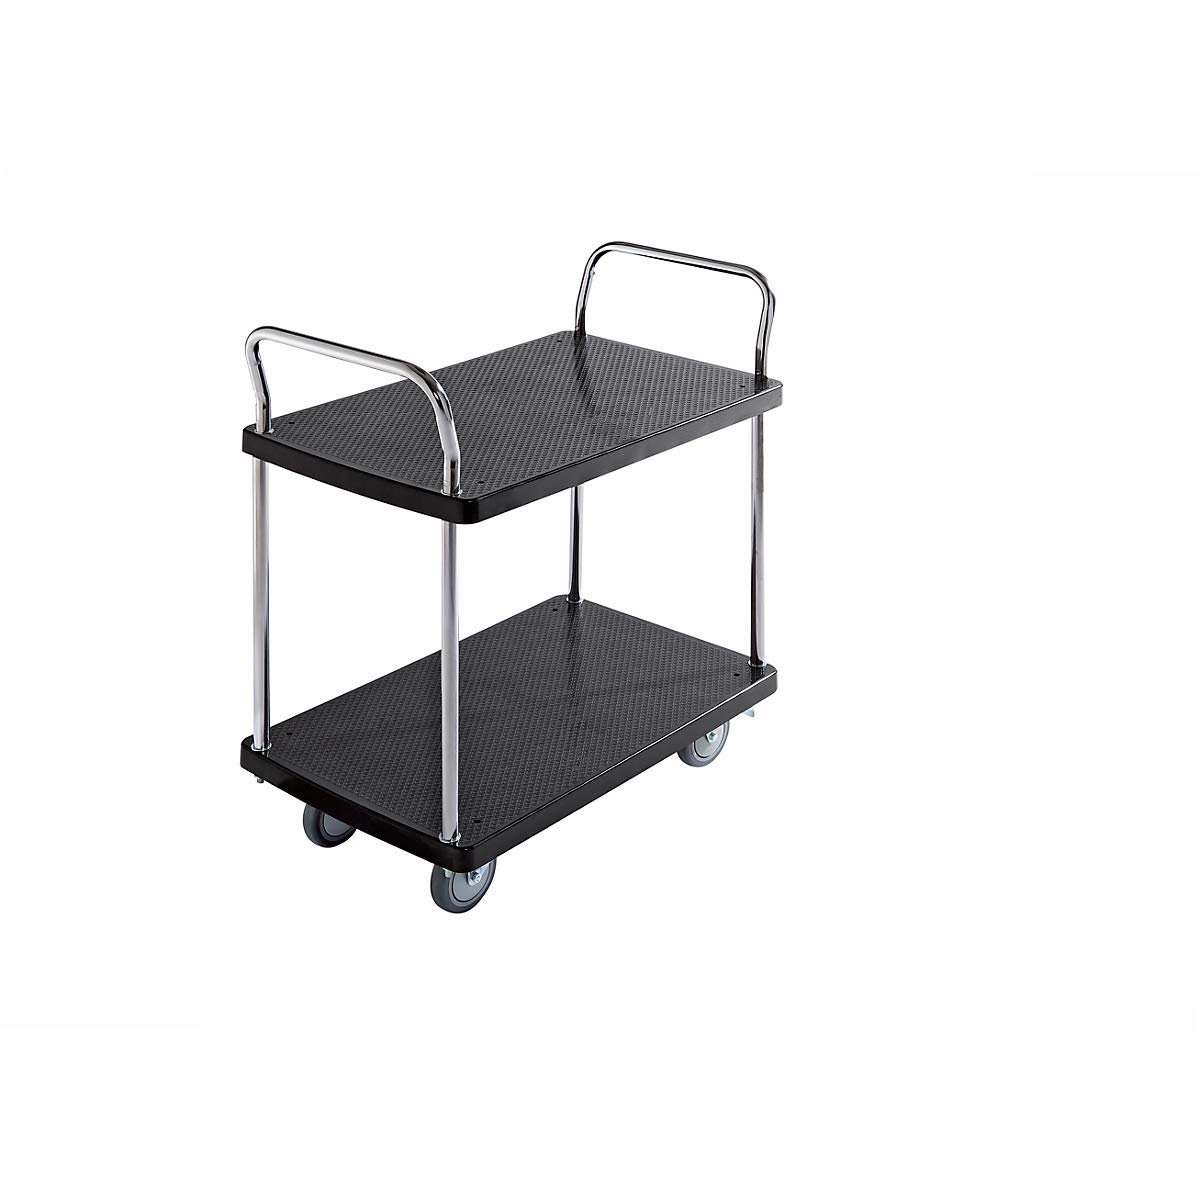 Servir de mesa carro - 2 pisos, 2 manija - Capacidad De Carga 150 ...